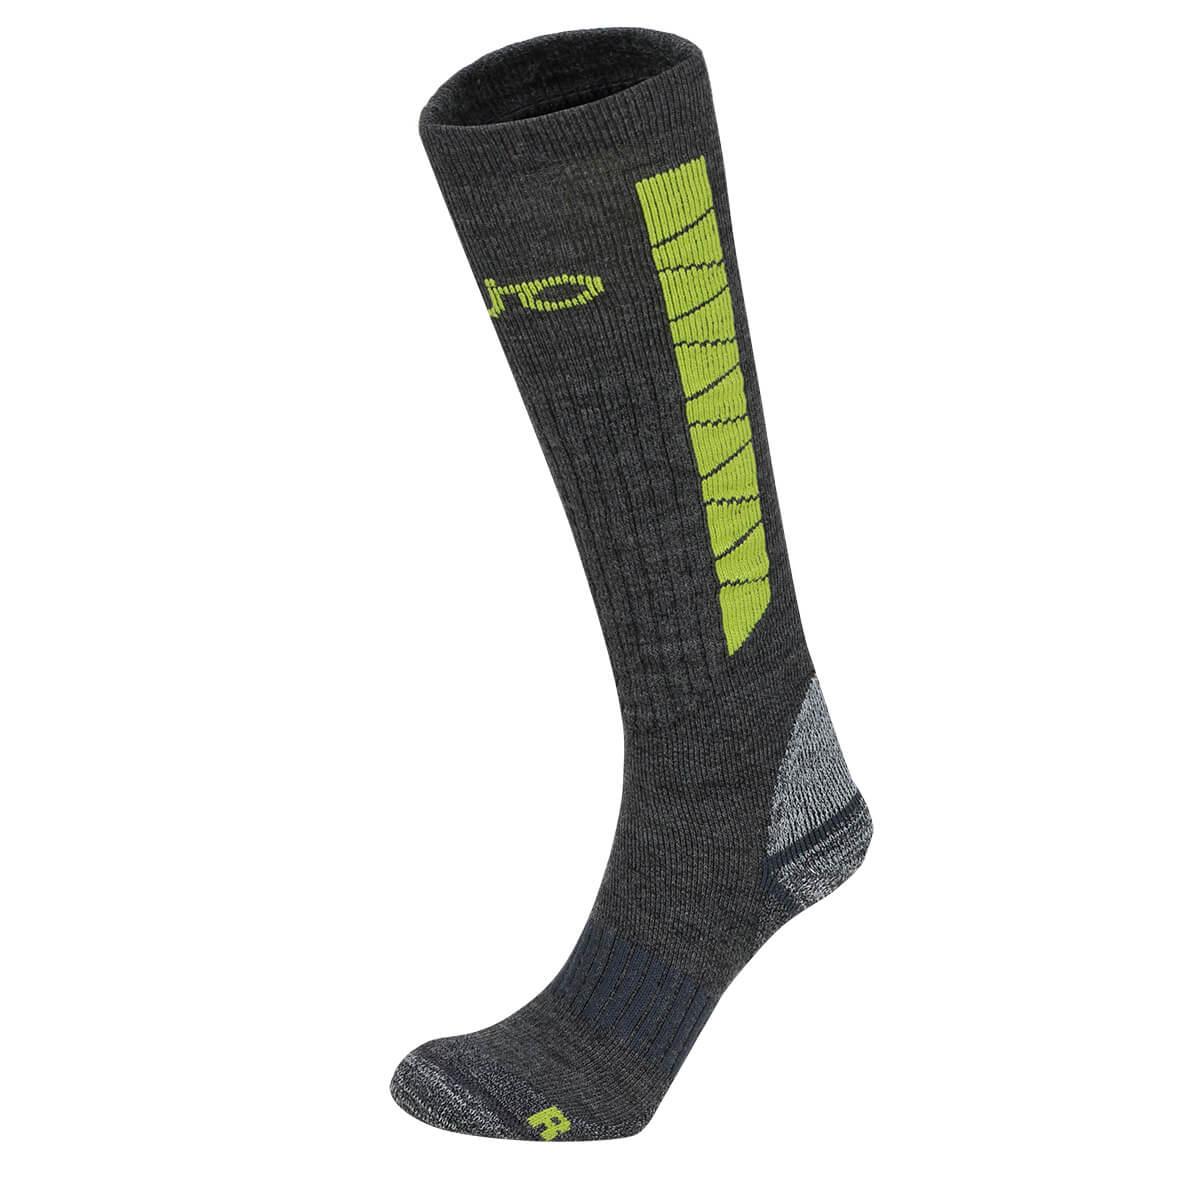 ZAJO Ponožky Heavy Outdoor Socks Long - veľkosť S